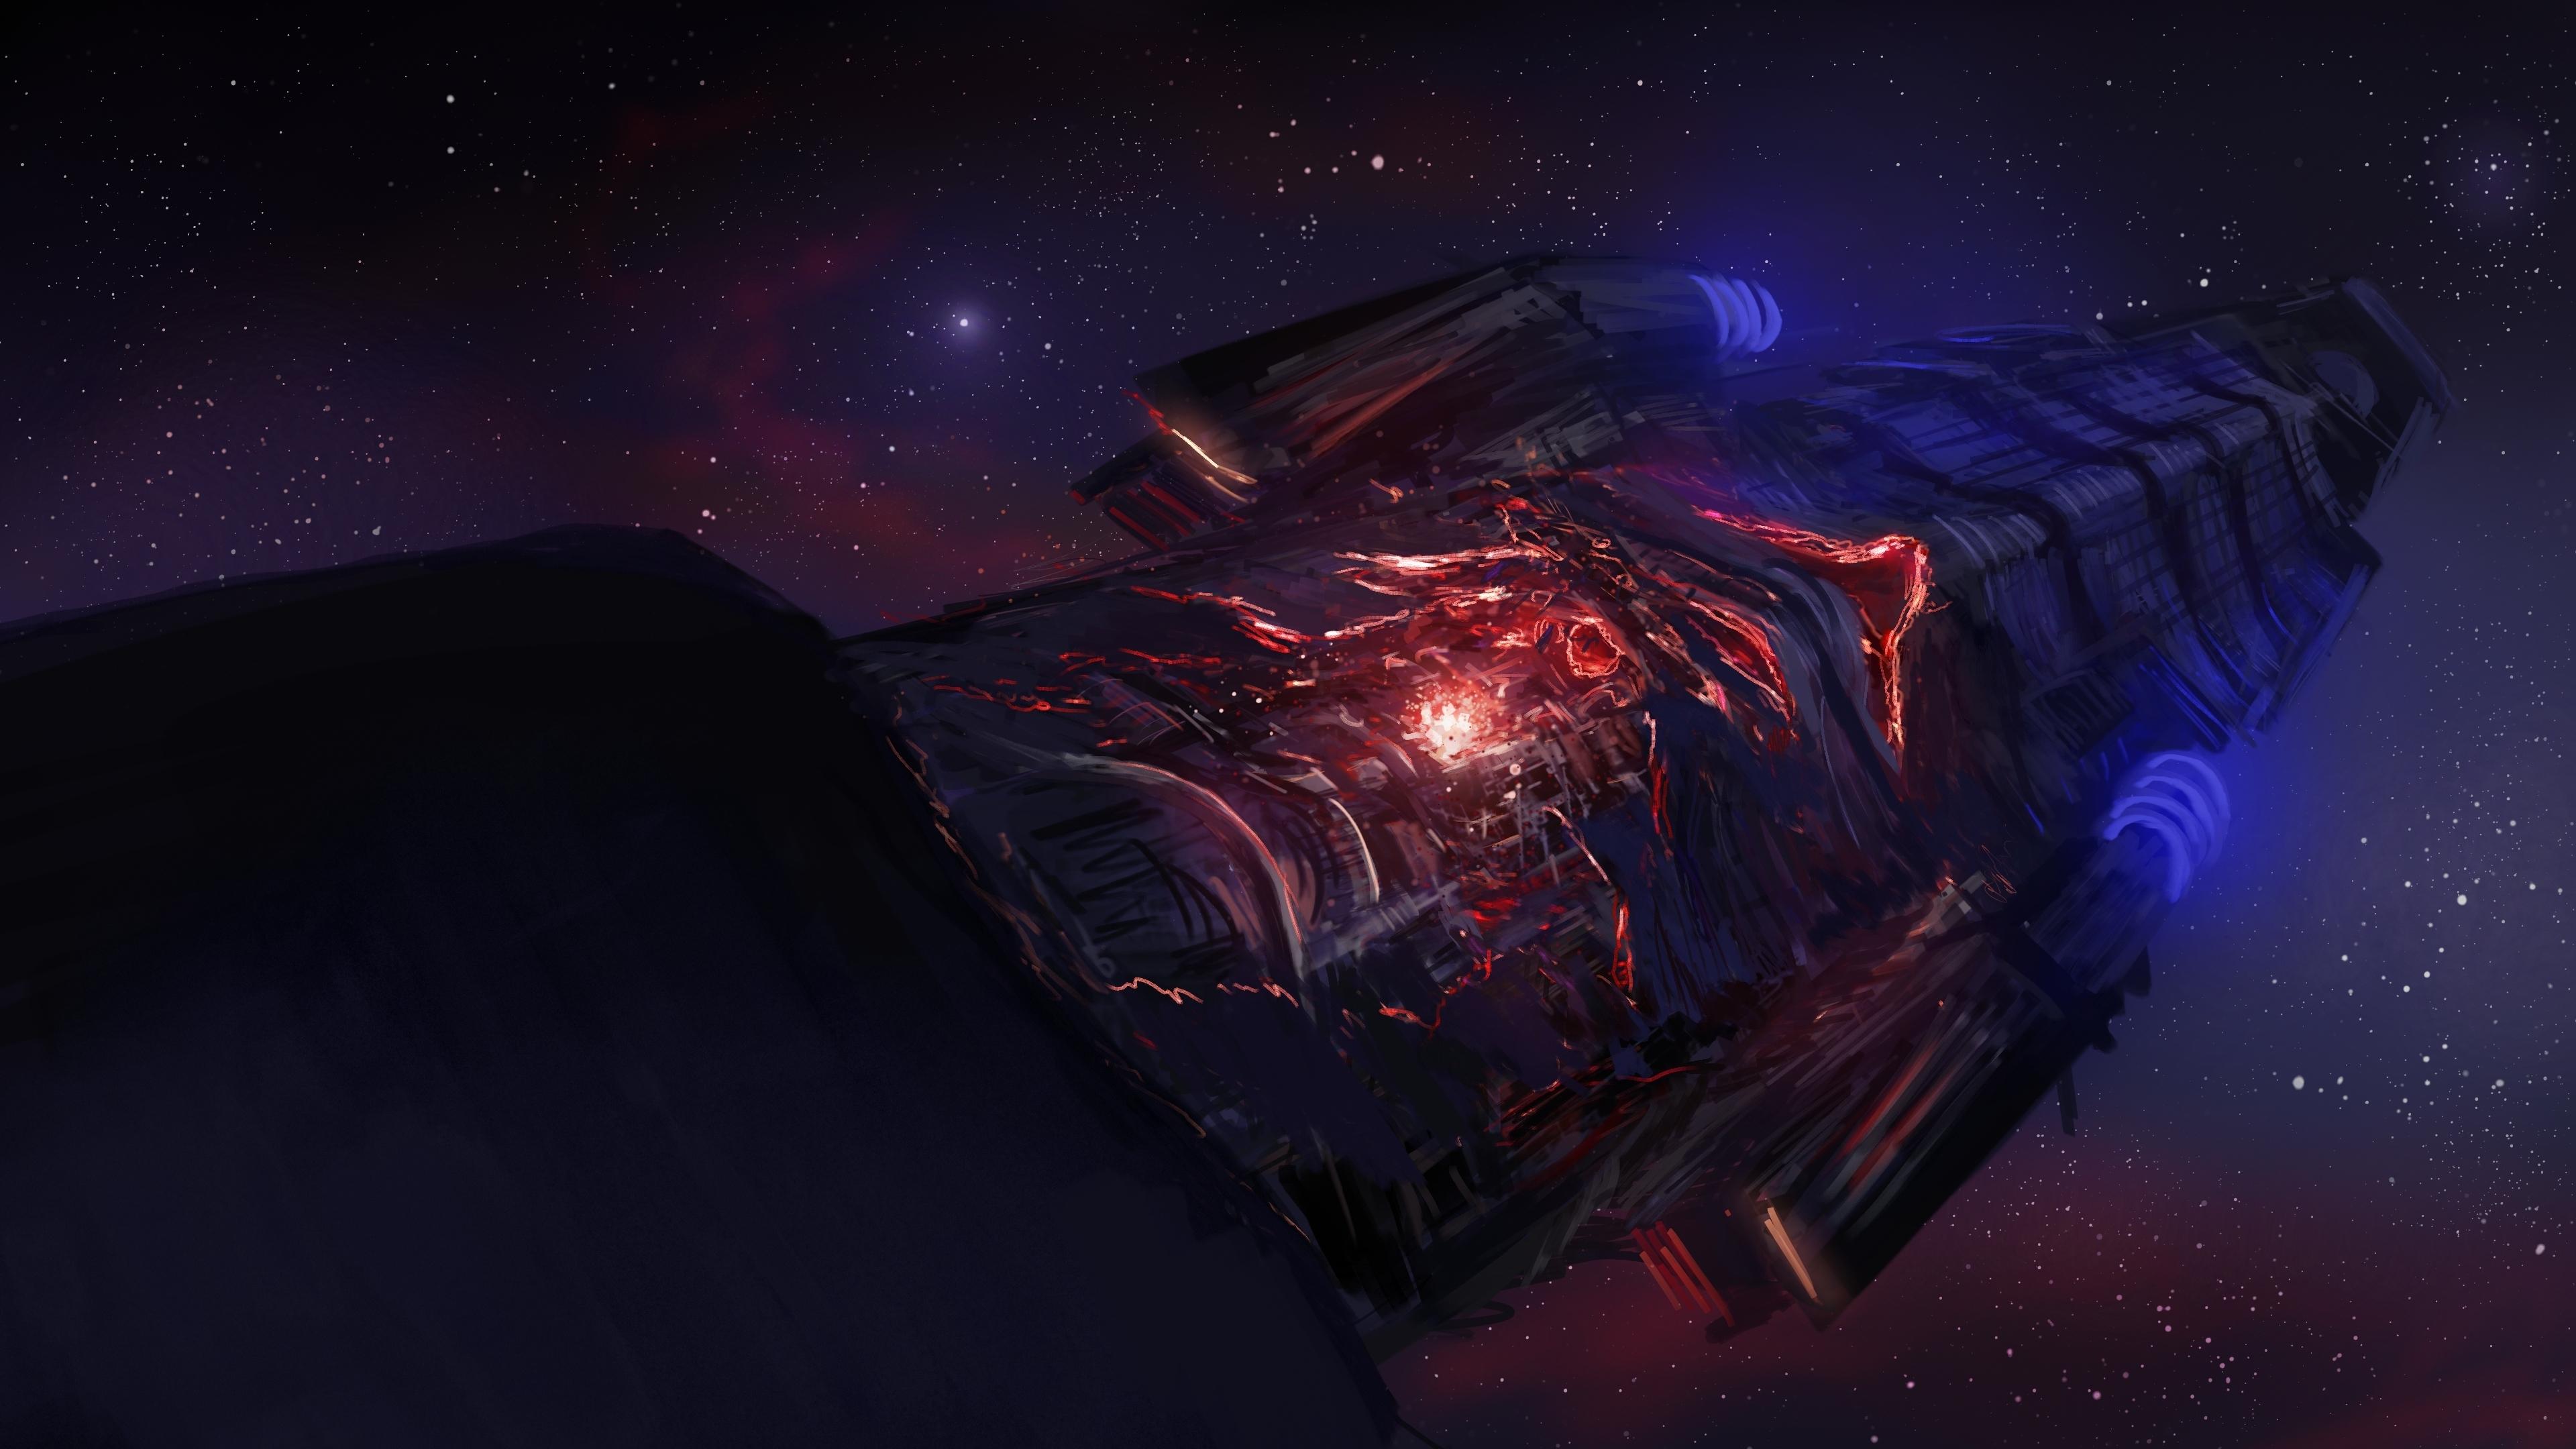 4k sci fi wallpaper wallpapersafari - Spaceship wallpaper 4k ...